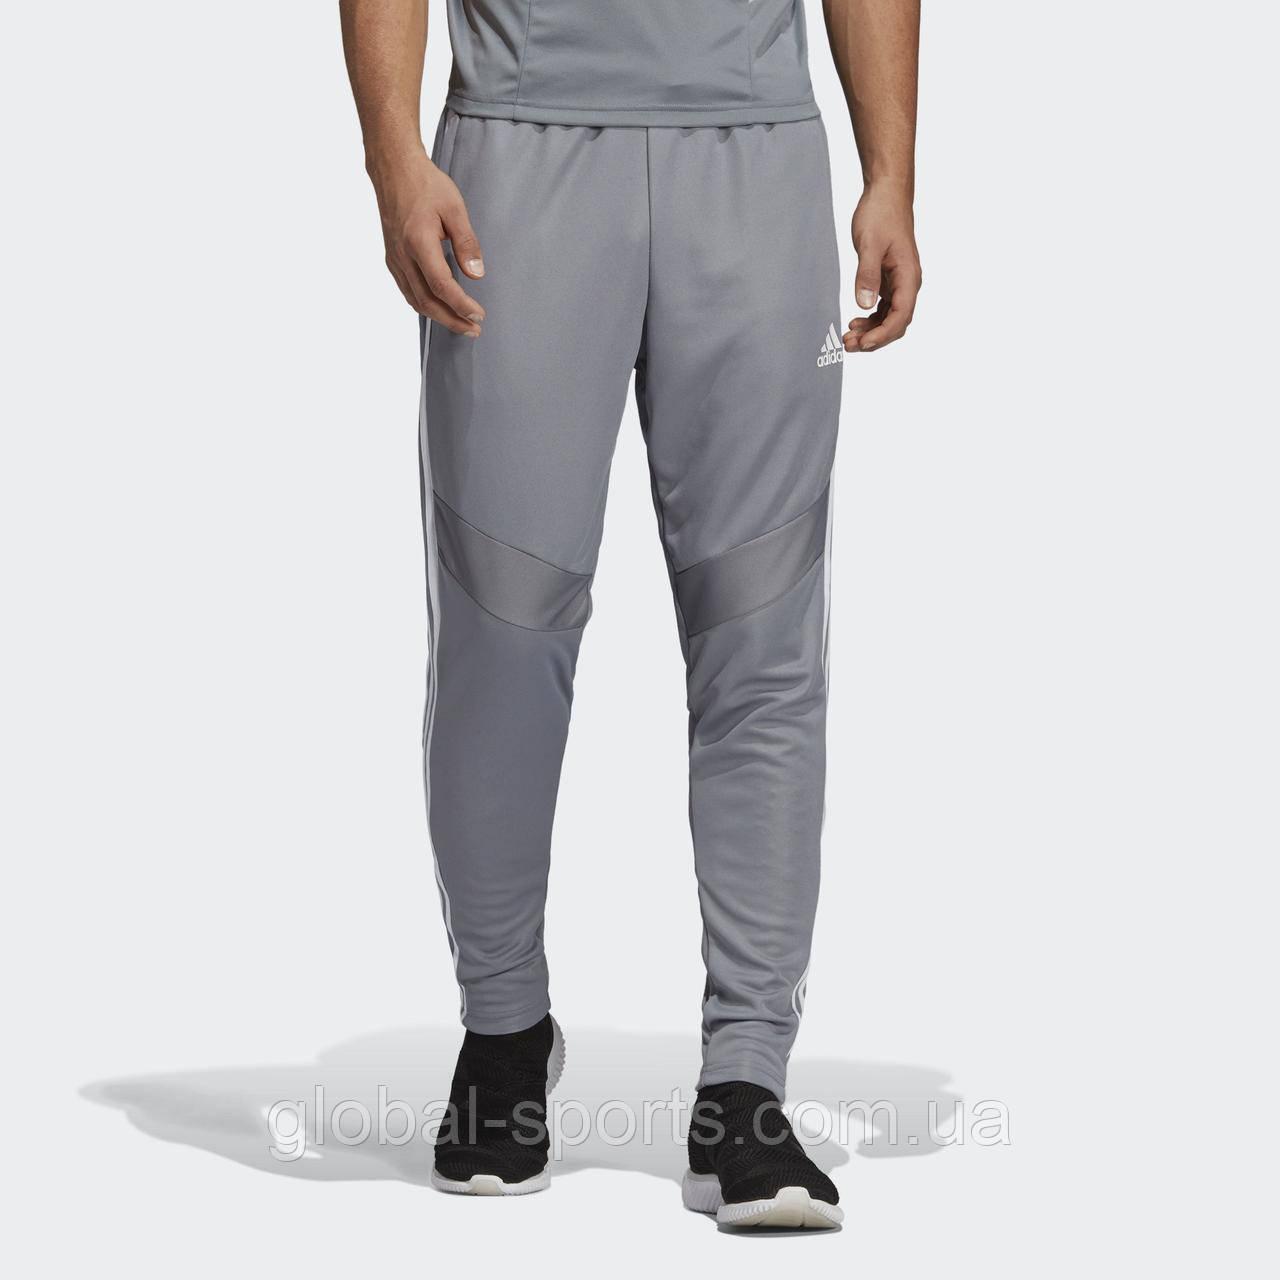 Мужские спортивные брюки мужские Adidas Tiro 19(Артикул:DT5175)